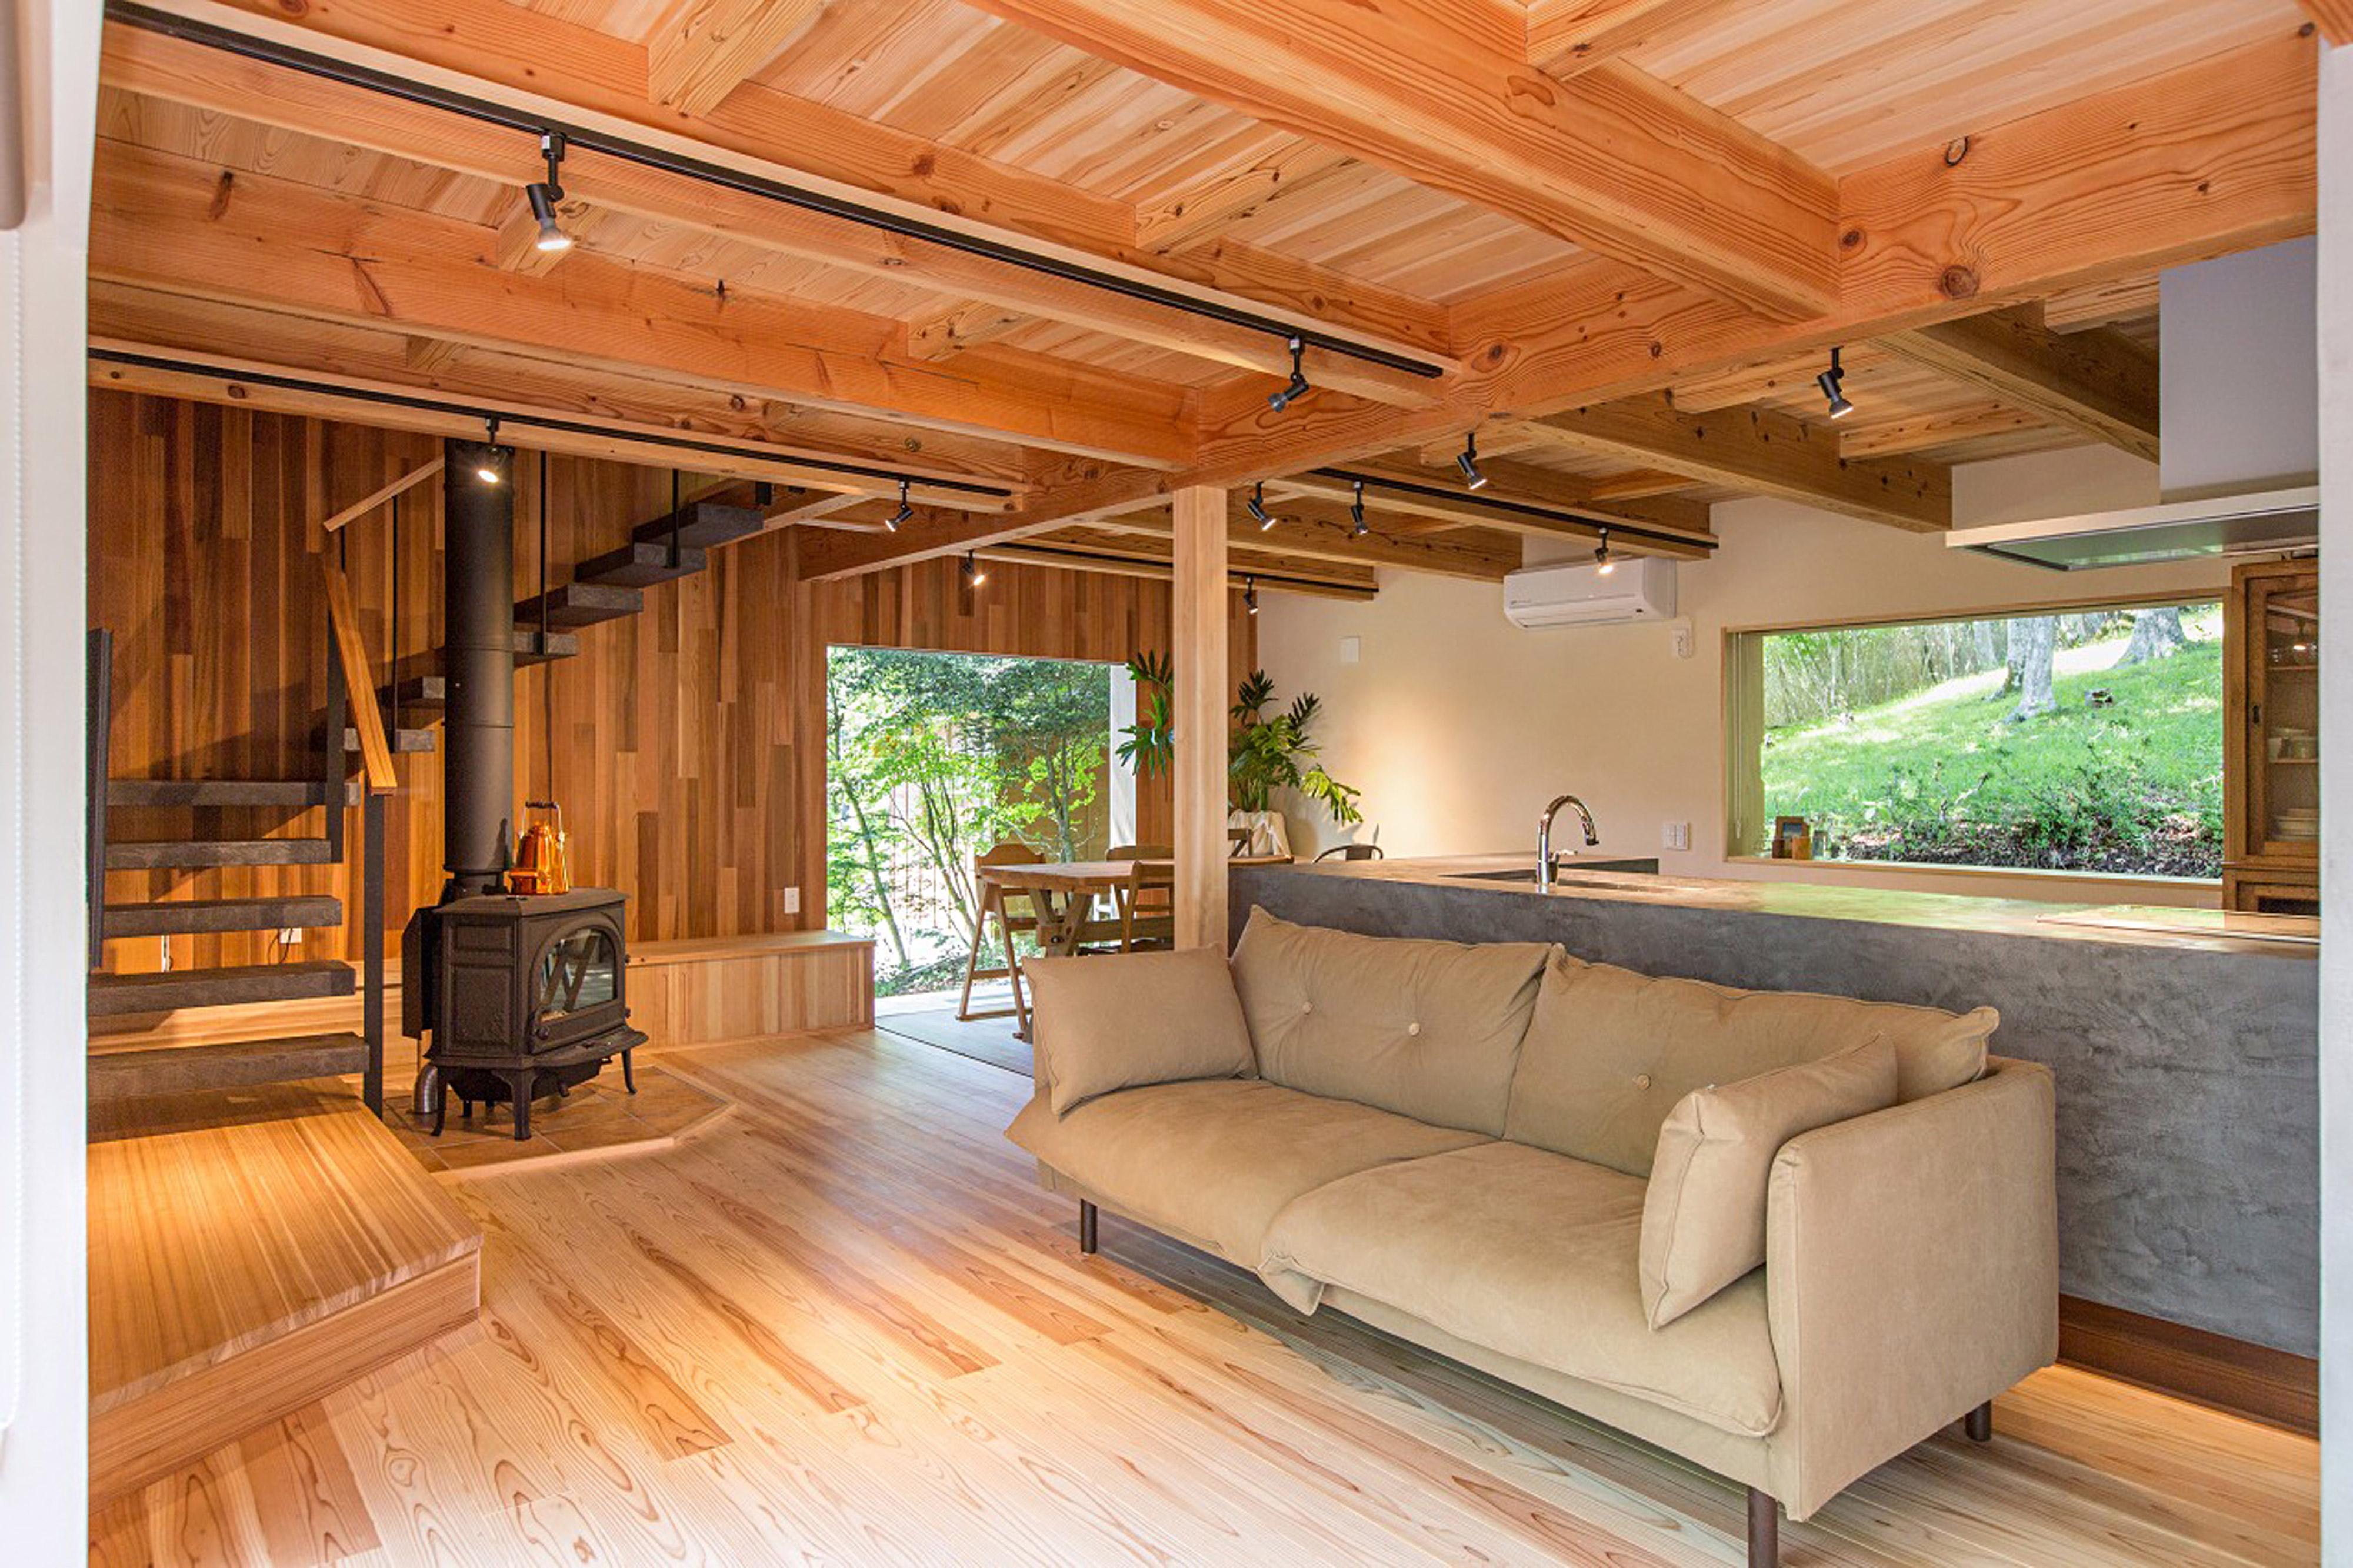 薪ストーブとソファのある全方向に窓があるリビング